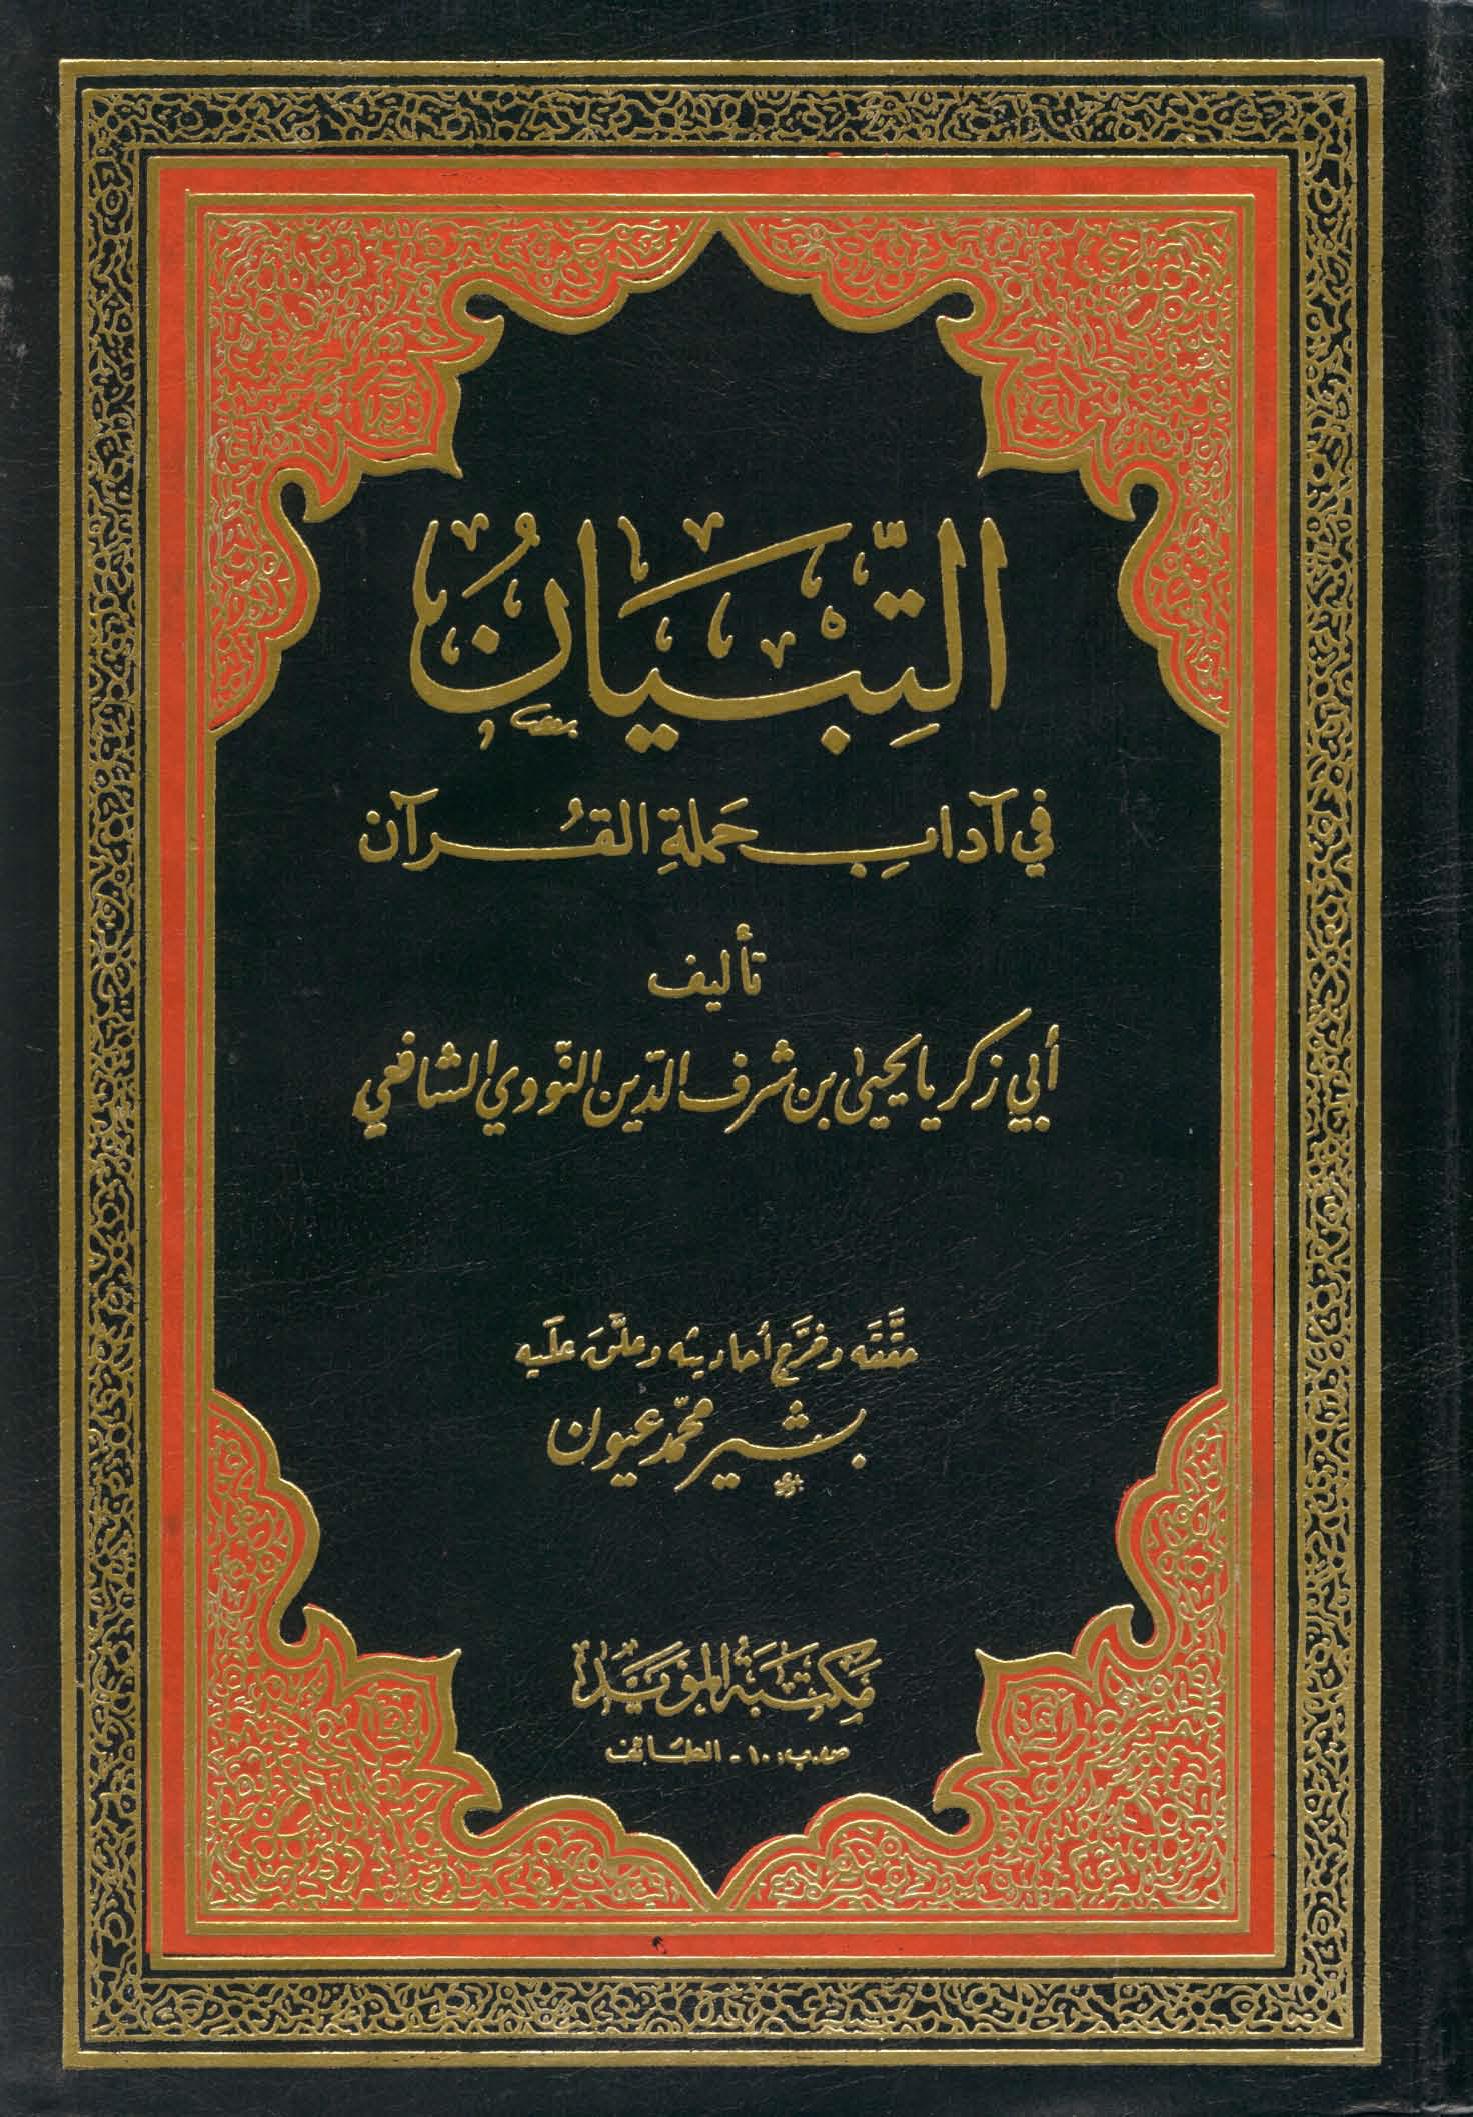 تحميل كتاب التبيان في آداب حملة القرآن (ت عيون) لـِ: الإمام أبو زكريا محيي الدين يحيى بن شرف النووي (ت 676)